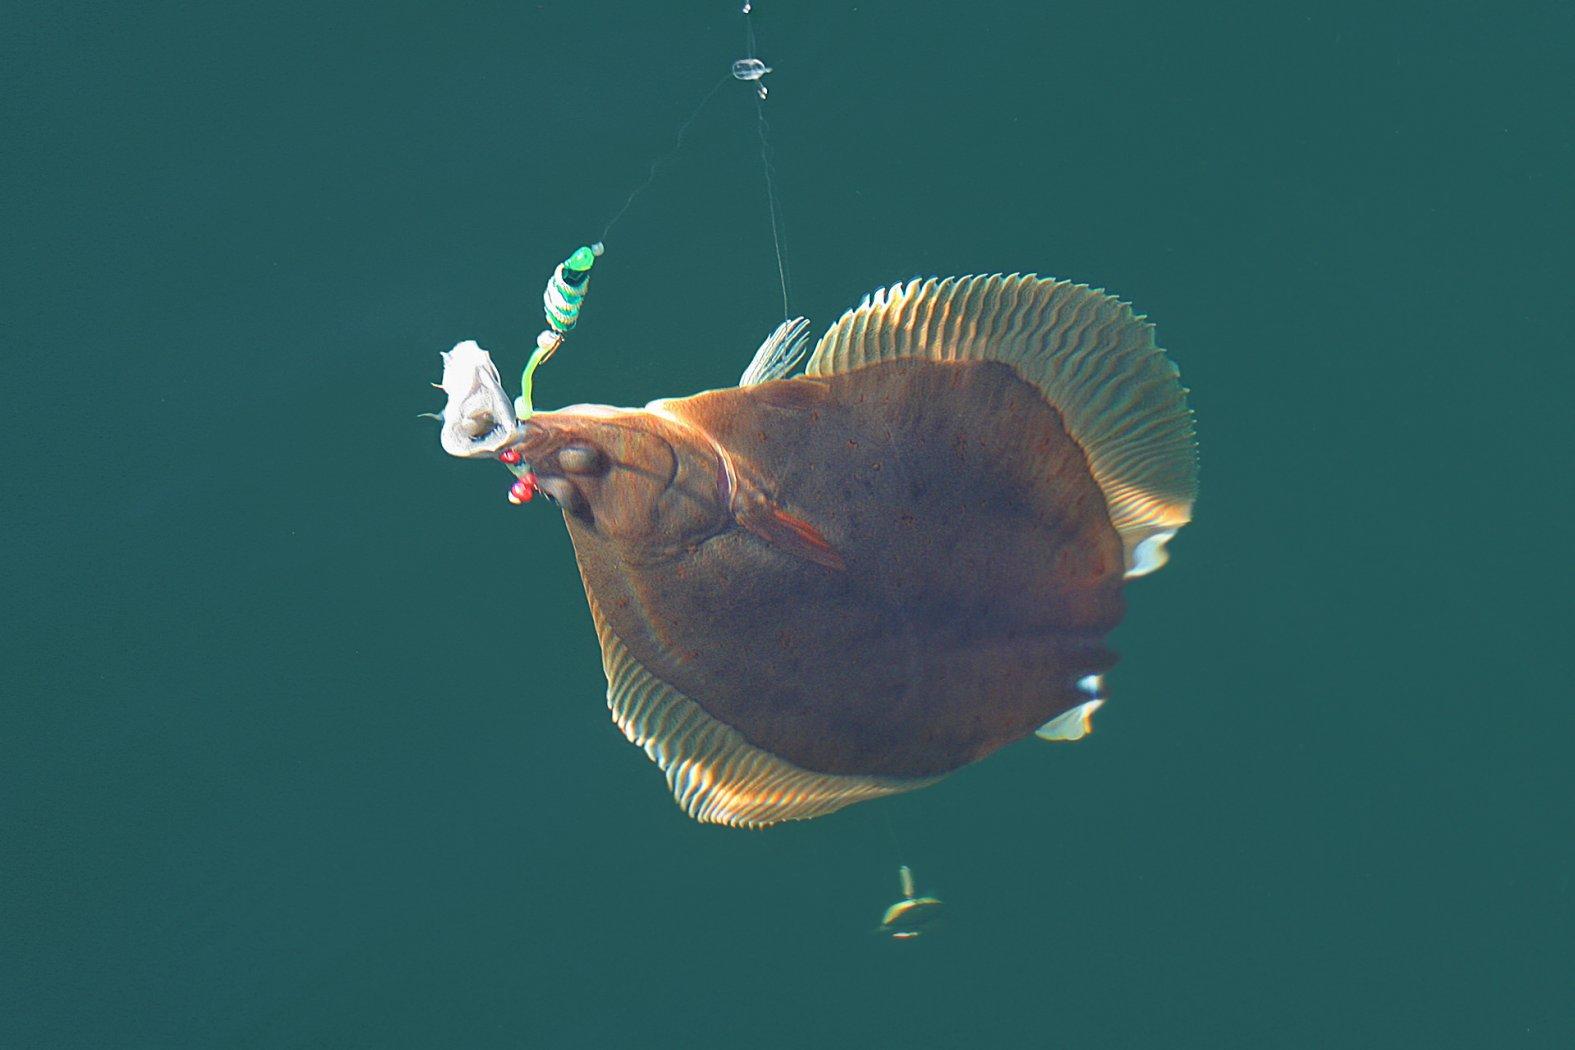 kliesche beim angeln mit buttlöffel